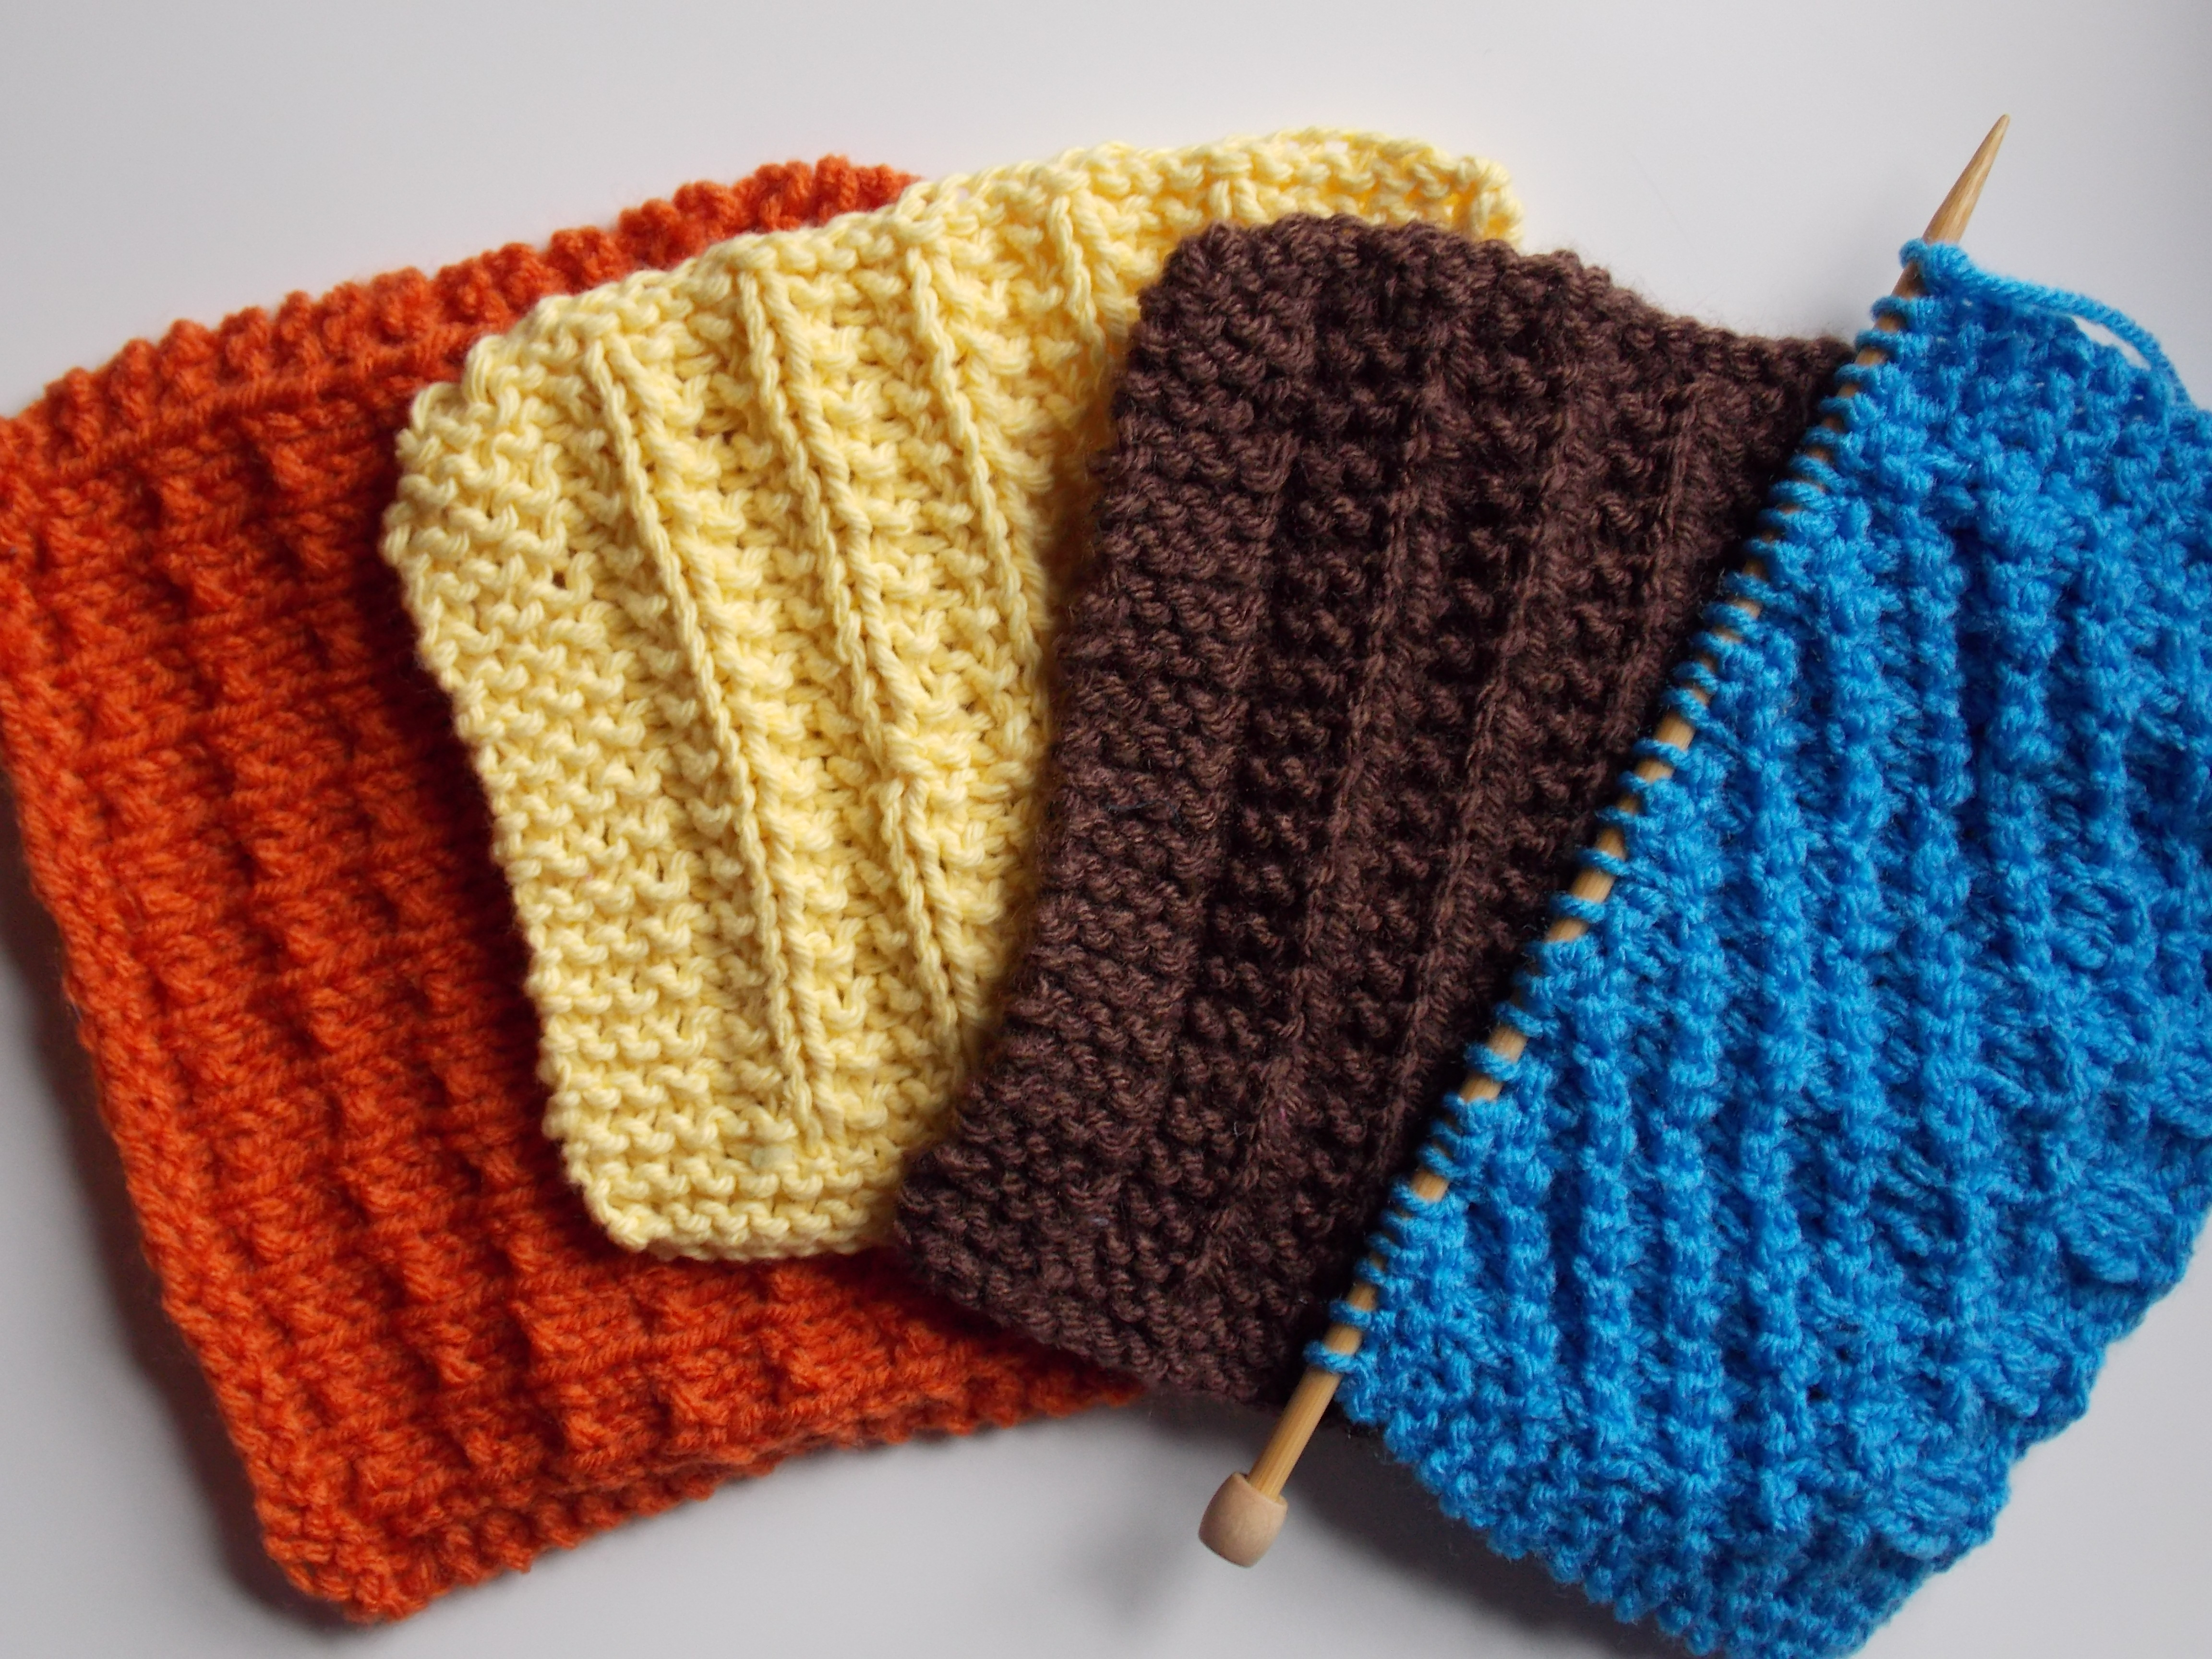 knitting � quiver full of blessings